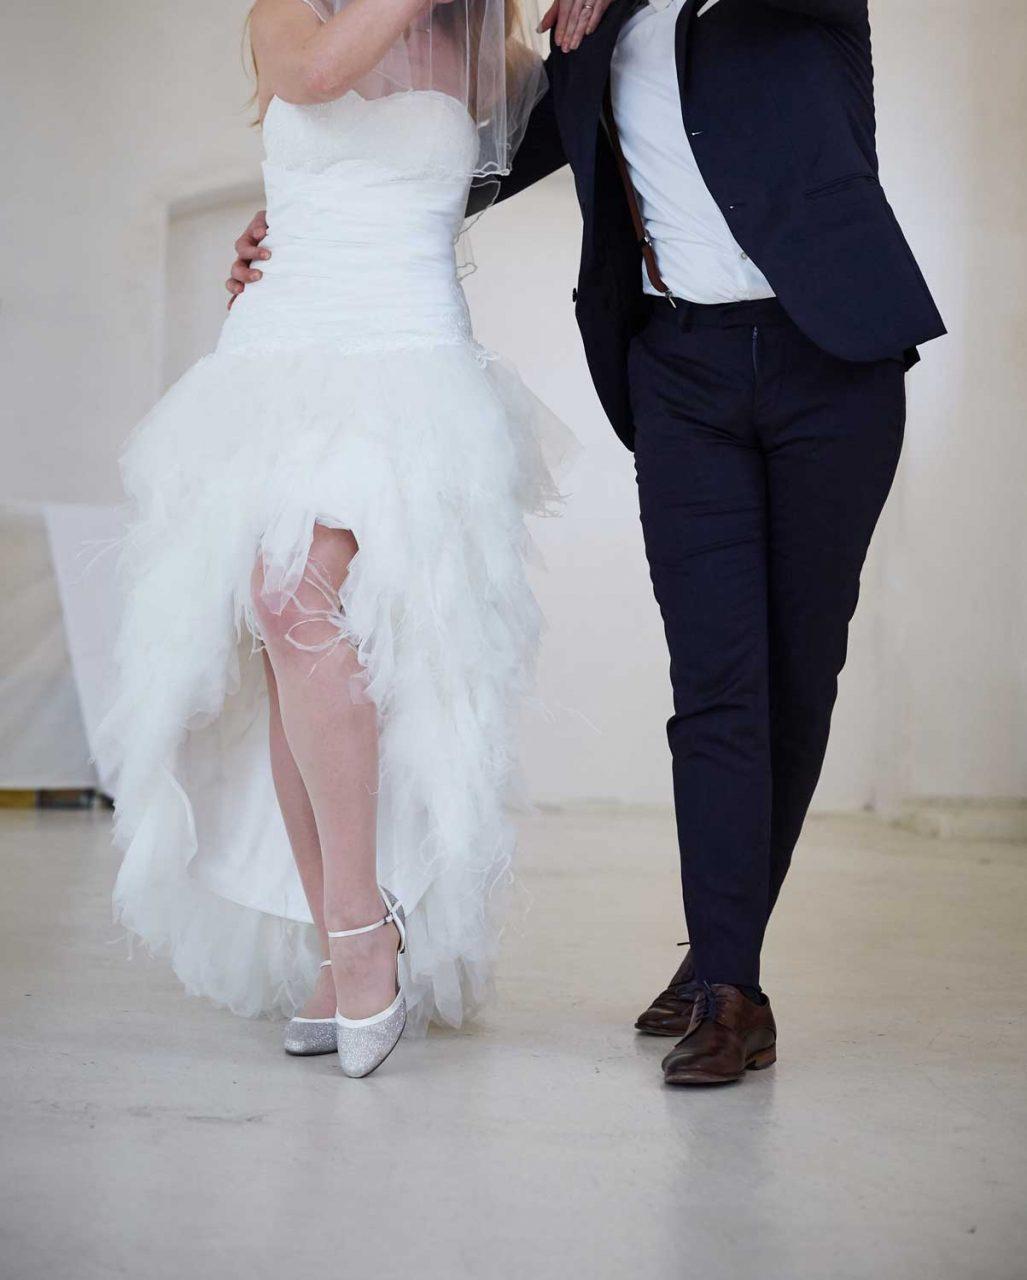 Hochzeitspaar tanzt Tango